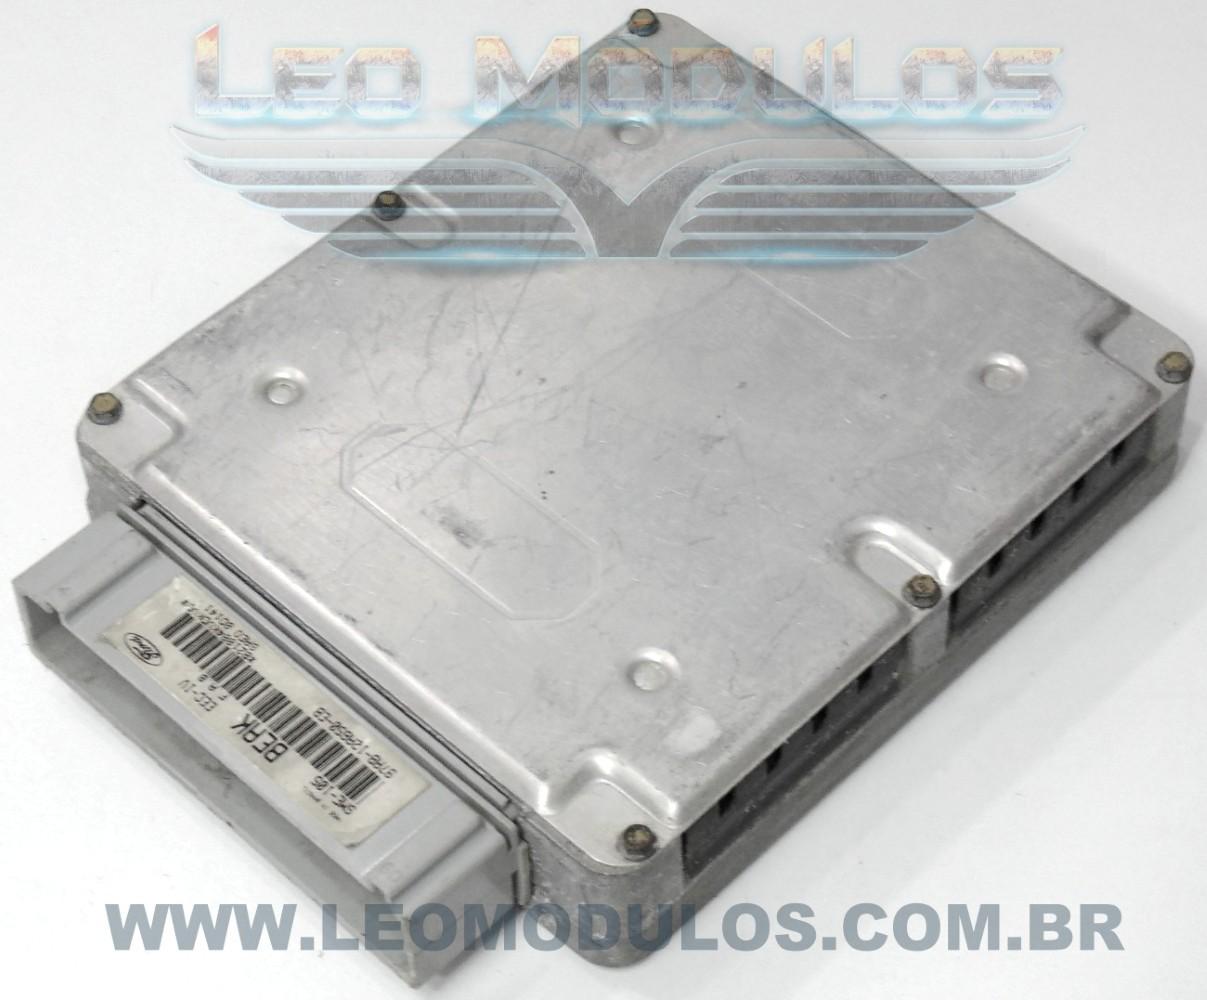 Módulo de injeção EEC-VI - BEAK - 97AB12A650EB - Ford Escort 1.8 16V - 97AB-12A650-EB - Leo Módulos